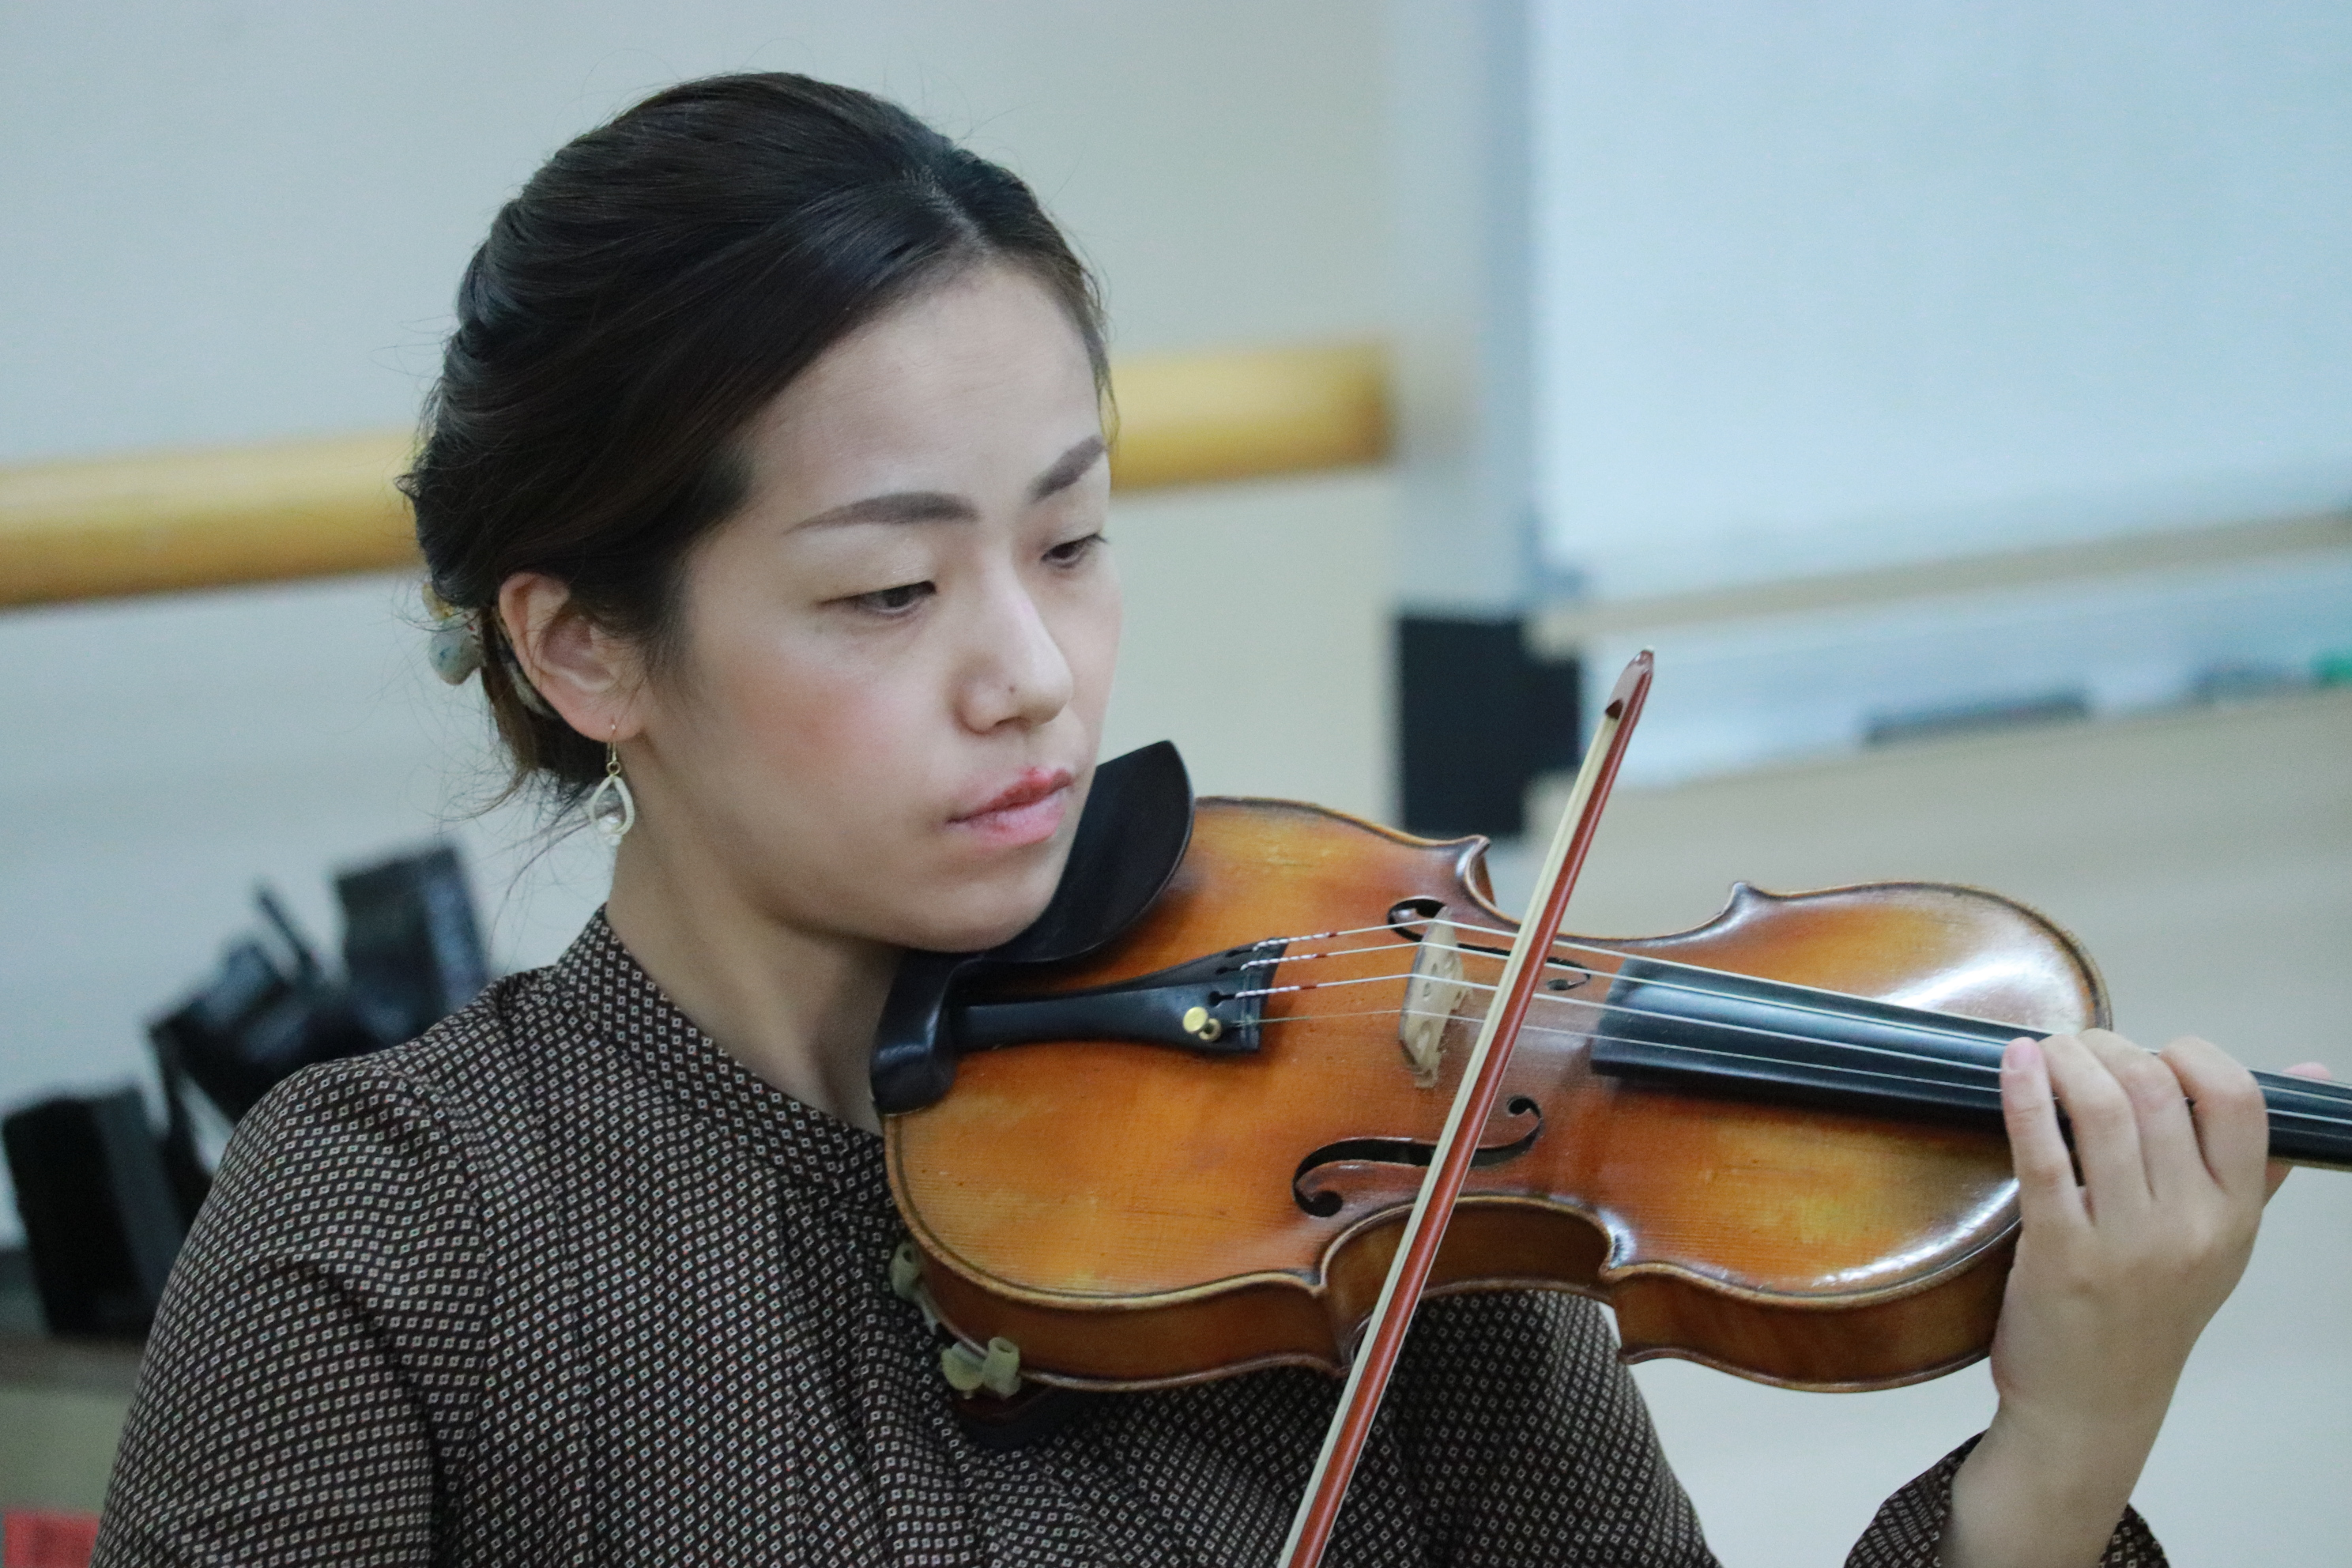 ヴァイオリン奏者の女性。